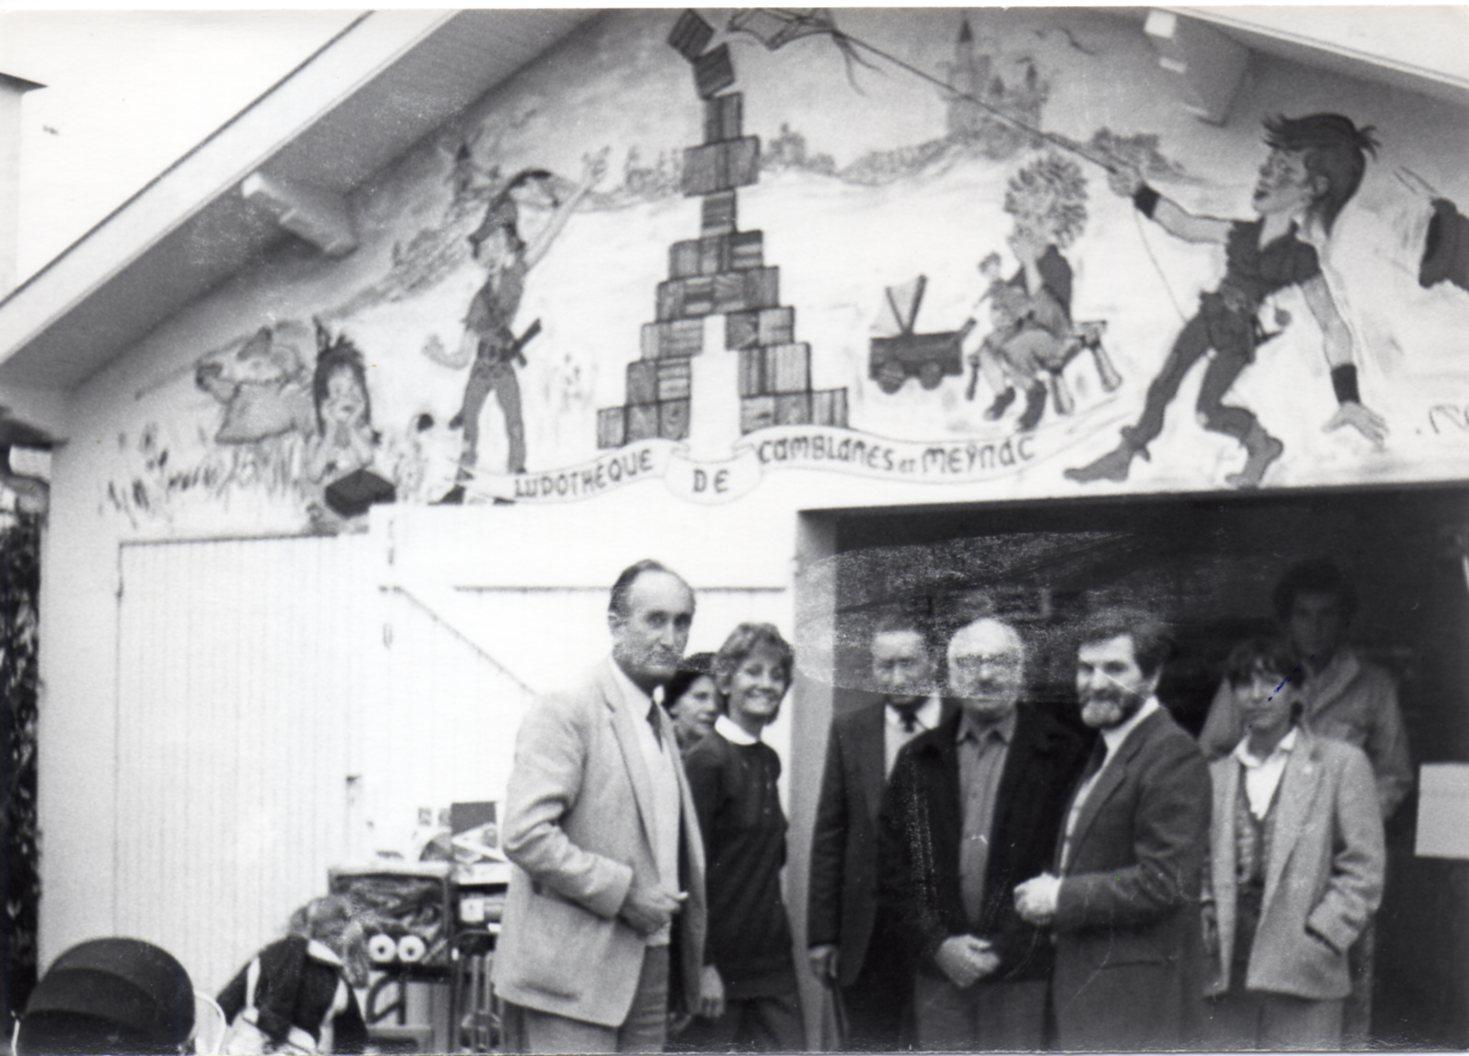 l'inauguration de la ludothèque en 1977